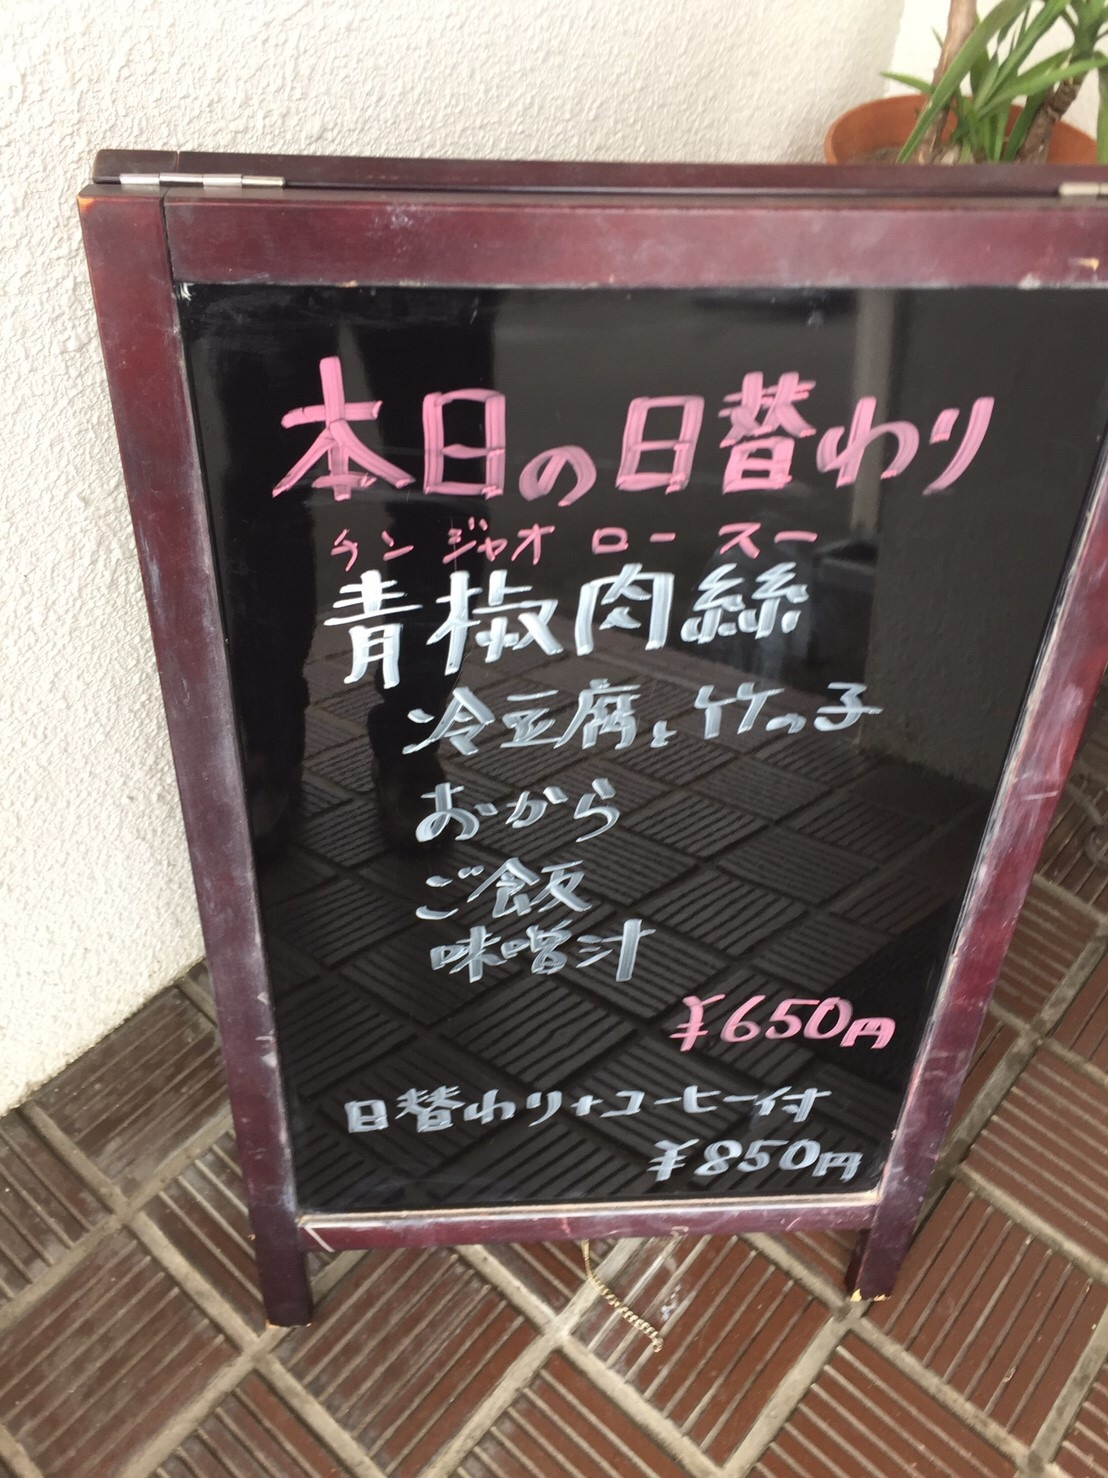 福神喫茶店  ランチ_e0115904_11261864.jpeg